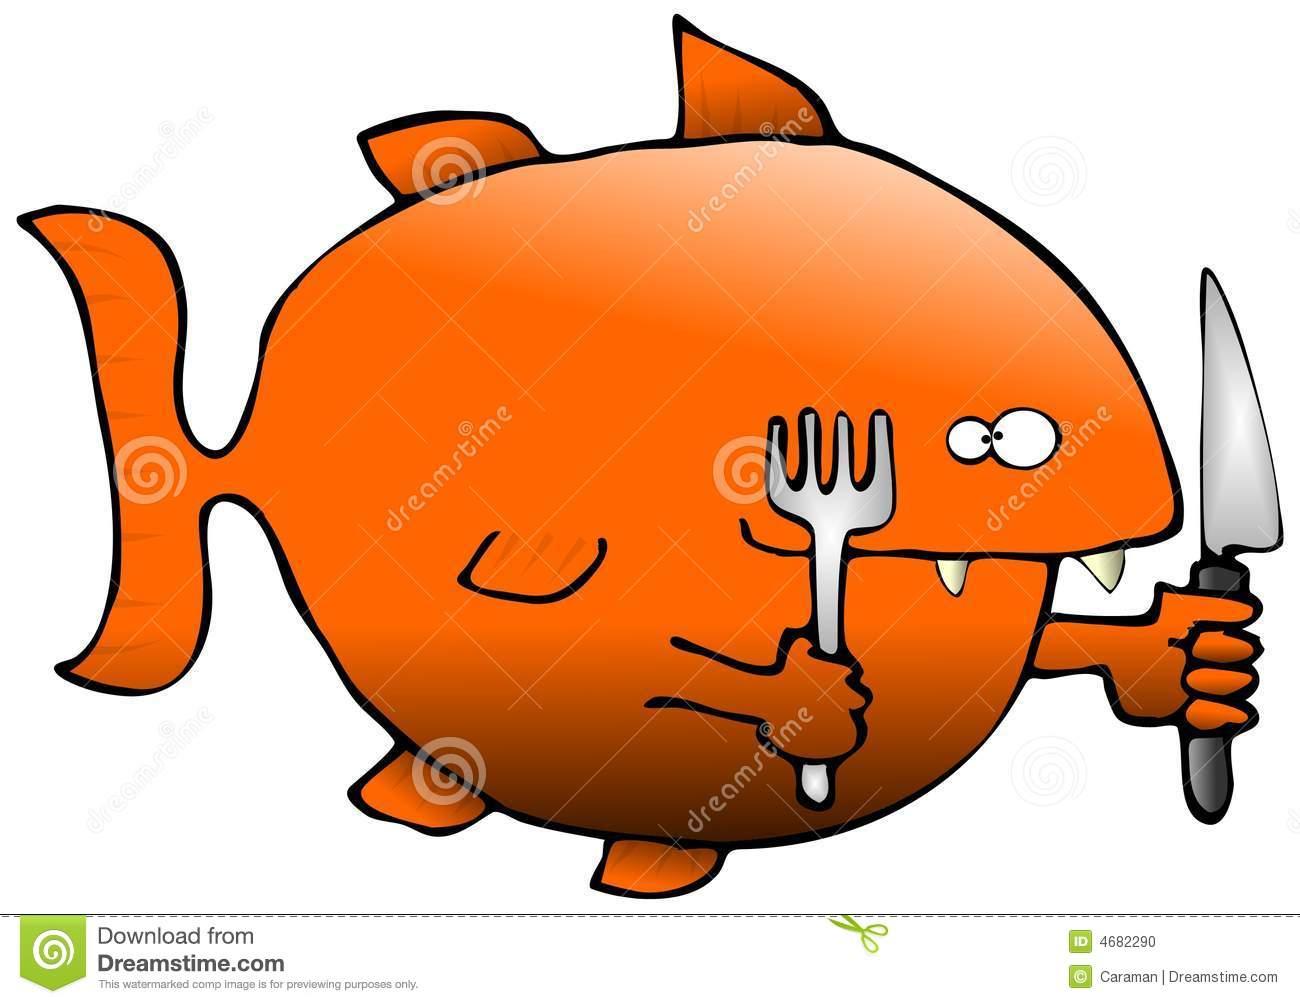 Balık Yedikten Sonra Antibiyotik İçilir mi